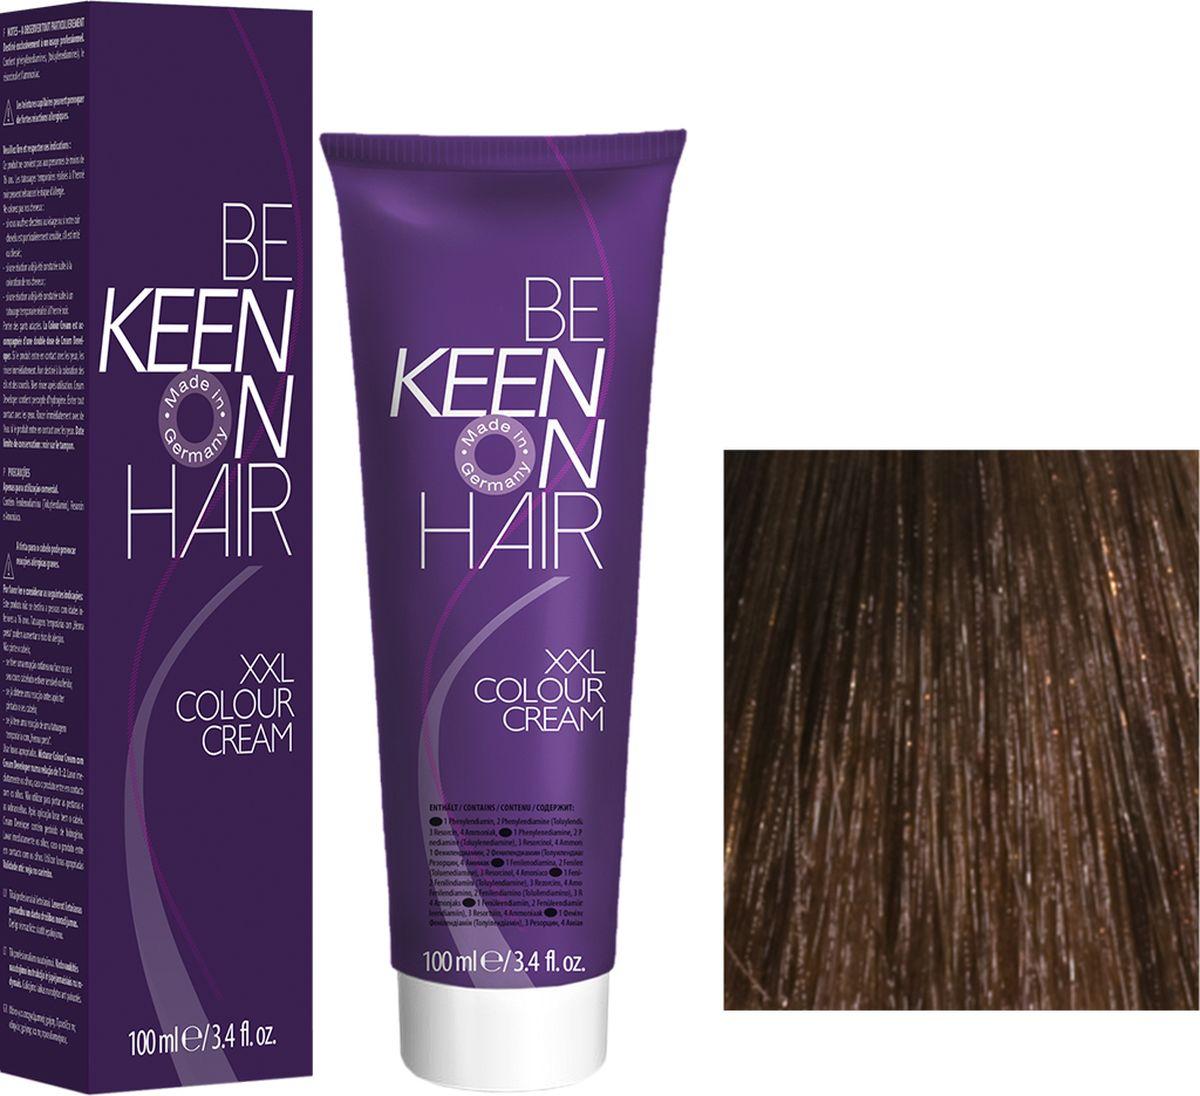 Keen Краска для волос 6.3 Темно-золотистый блондин Dunkelblond Gold, 100 мл69100037Модные оттенкиБолее 100 оттенков для креативной комбинации цветов.ЭкономичностьПри использовании тюбика 100 мл вы получаете оптимальное соотношение цены и качества!УходМолочный белок поддерживает структуру волоса во время окрашивания и придает волосам блеск и шелковистость. Протеины хорошо встраиваются в волосы и снабжают их влагой.